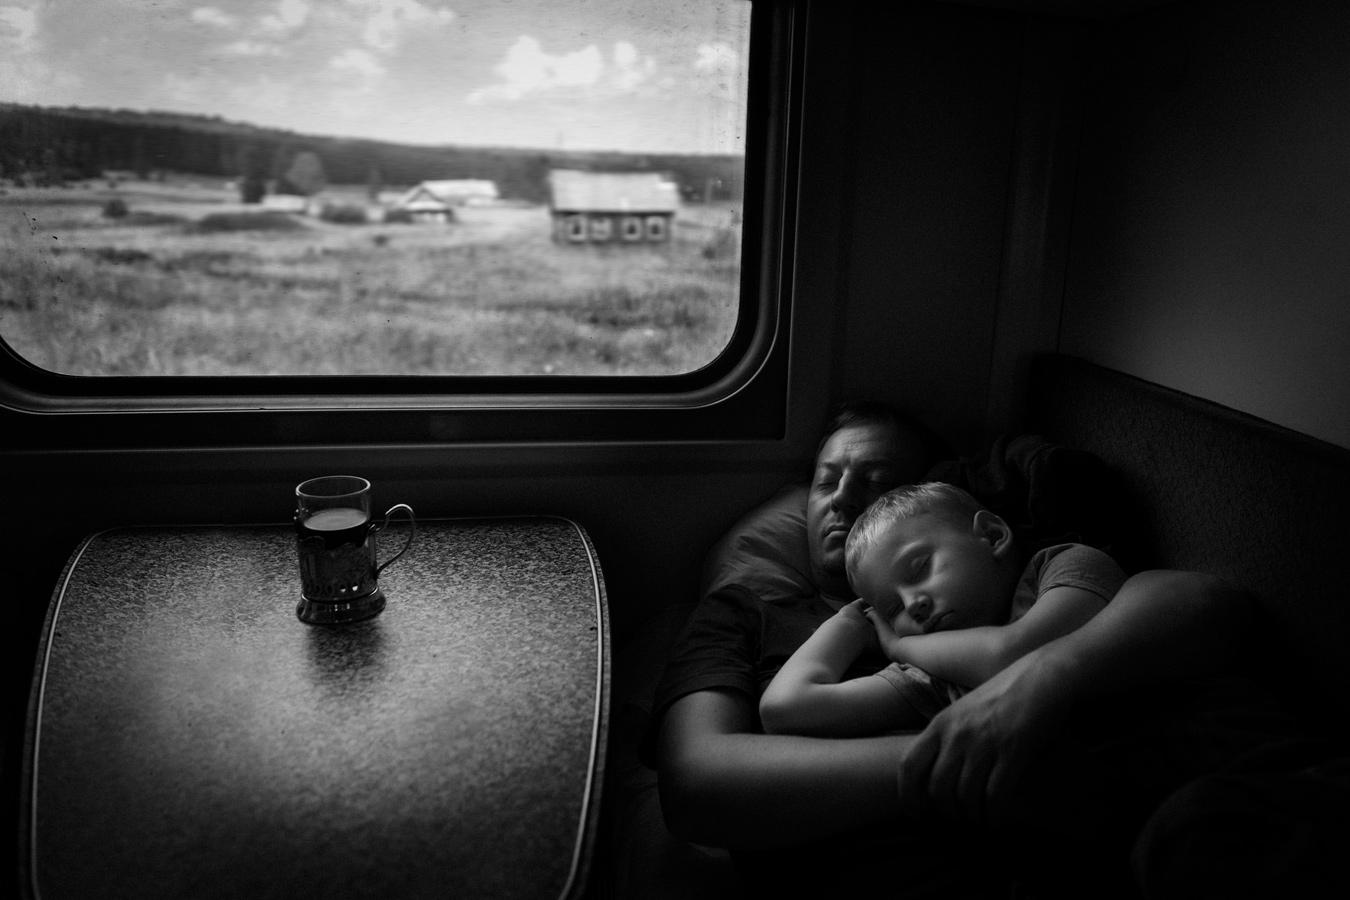 Сны, маленькие сны..., © Алисия Юсупова / Alicja Yusupova, Польша, 3 место в номинации «Детская фотография», Фотоконкурс 35AWARDS — 100 Best Photos